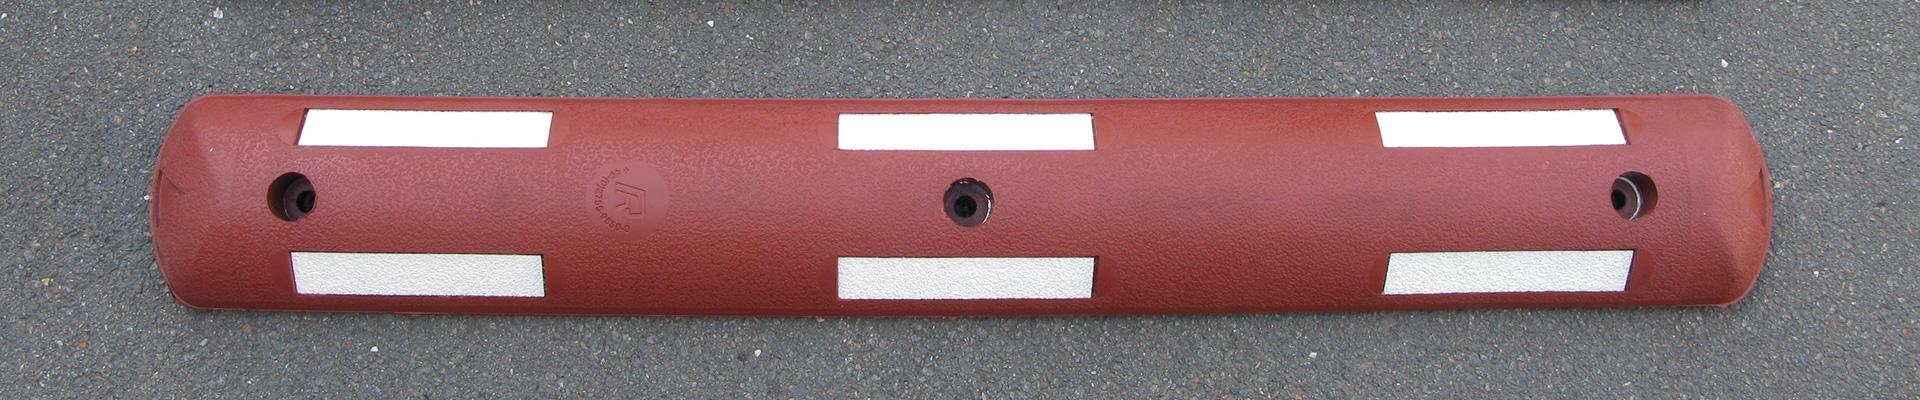 Ph Gummitechnik Trenn- und Markierungsbalken